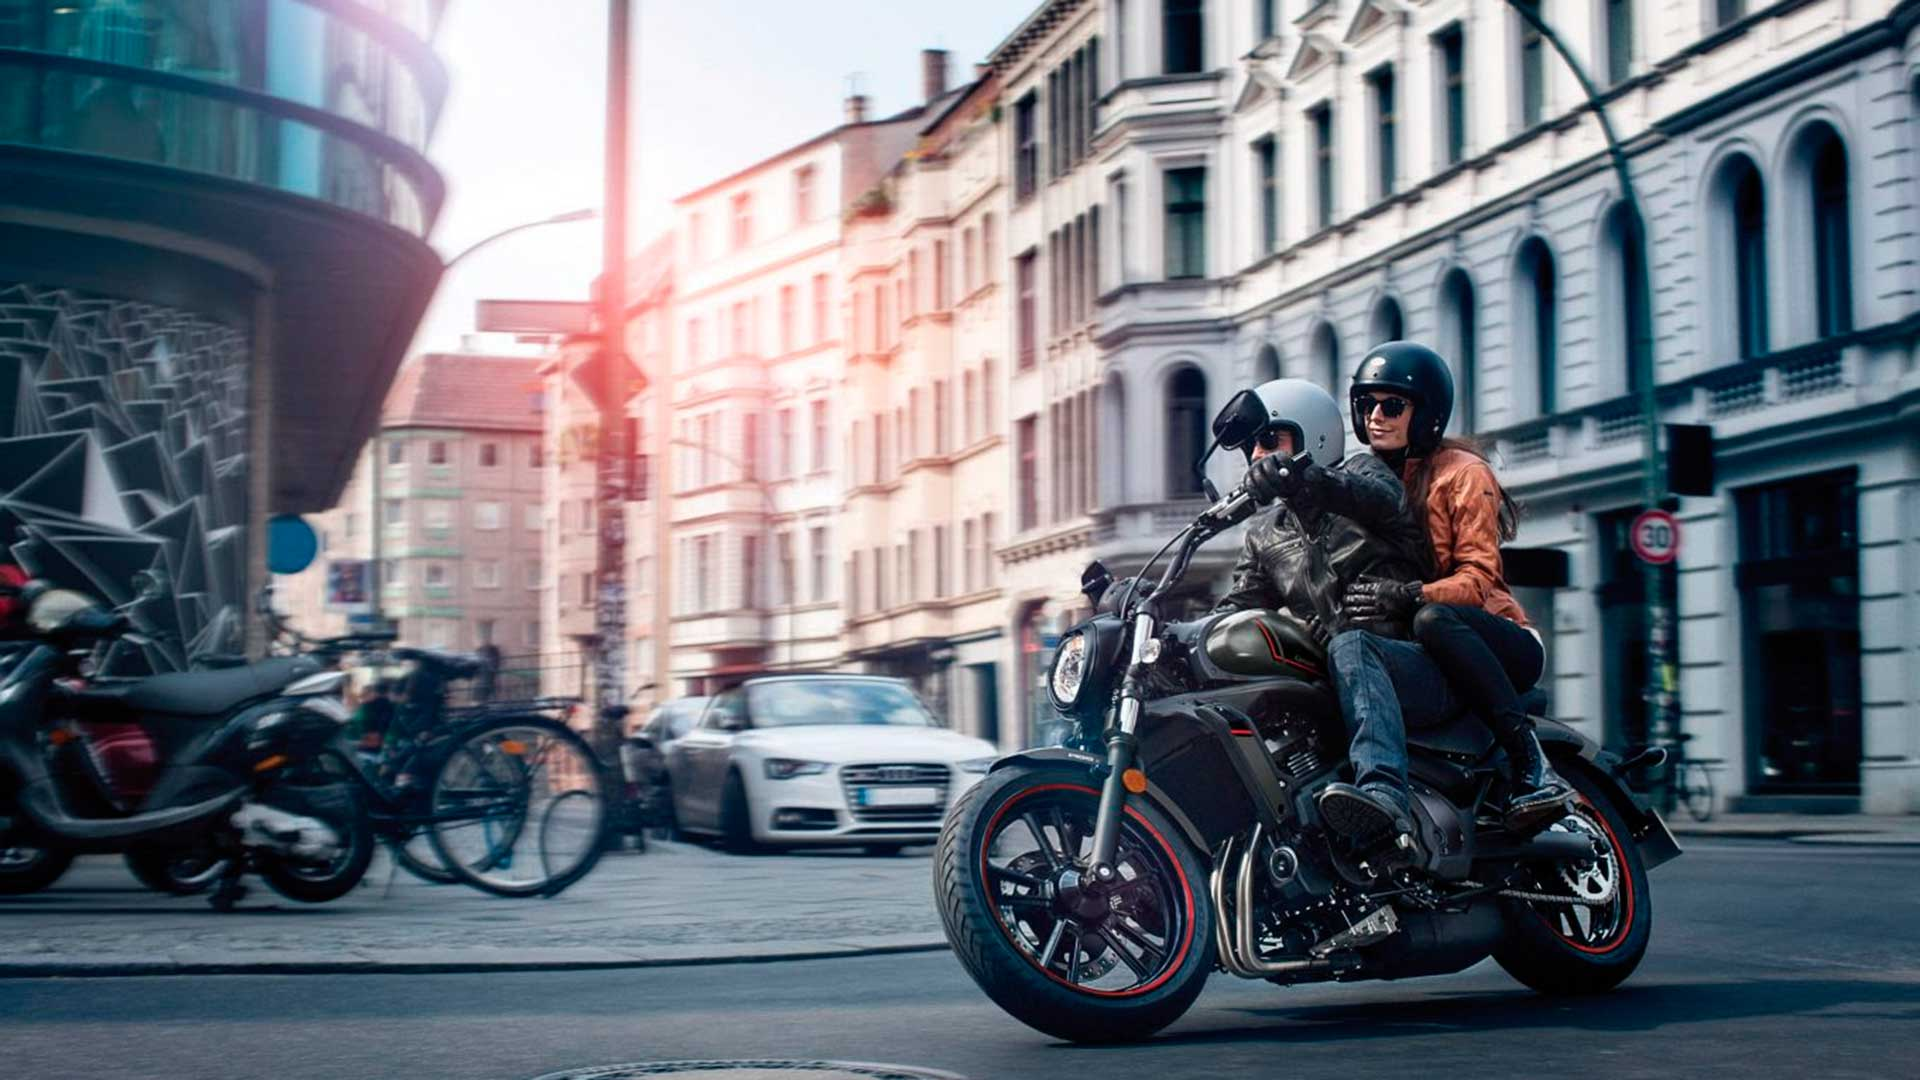 La moto en la ciudad: consejos de convivencia y enemigos